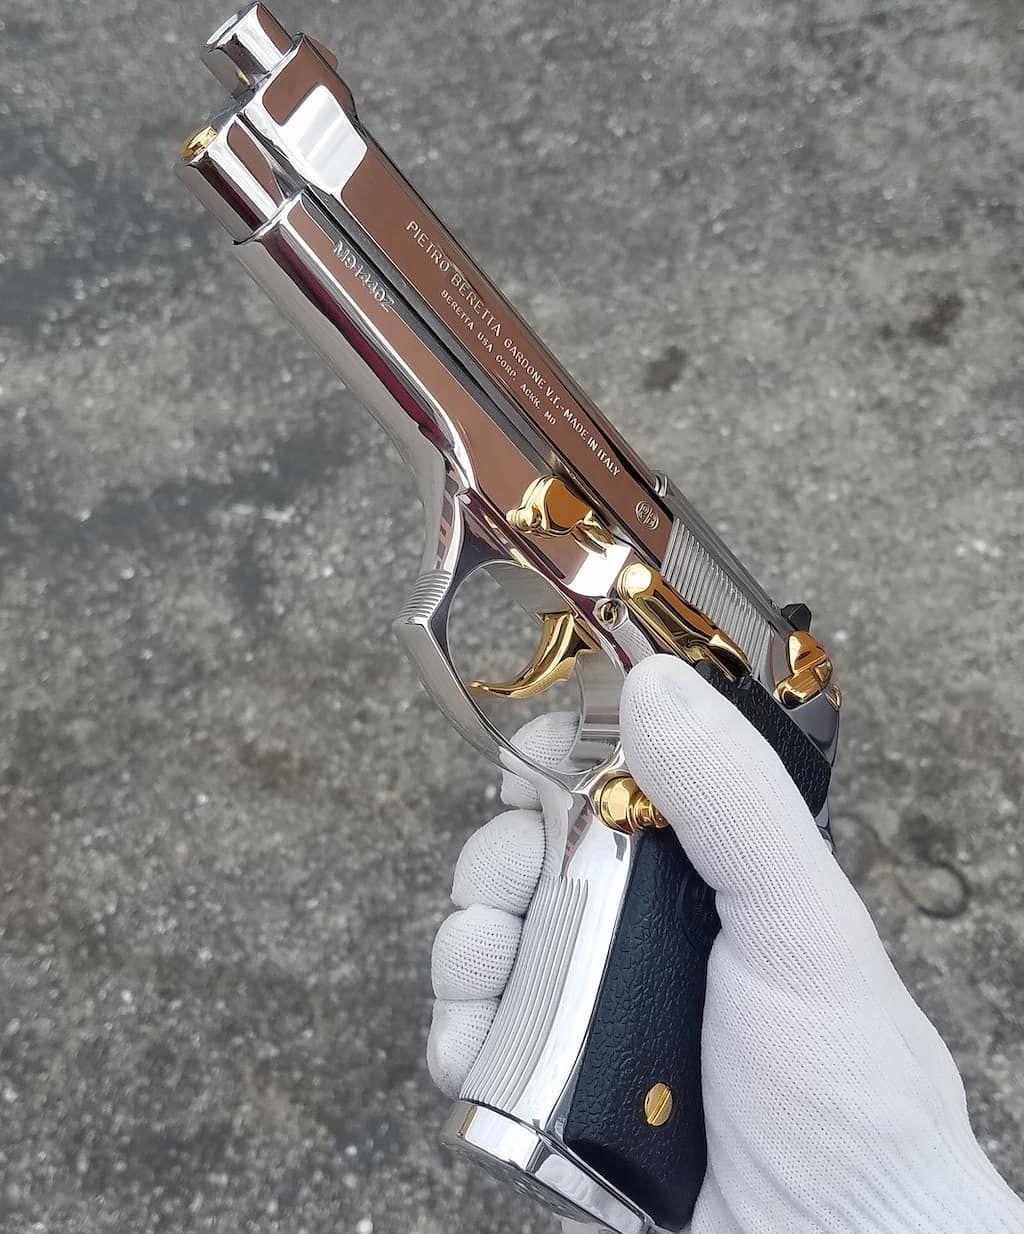 Pin on Beretta